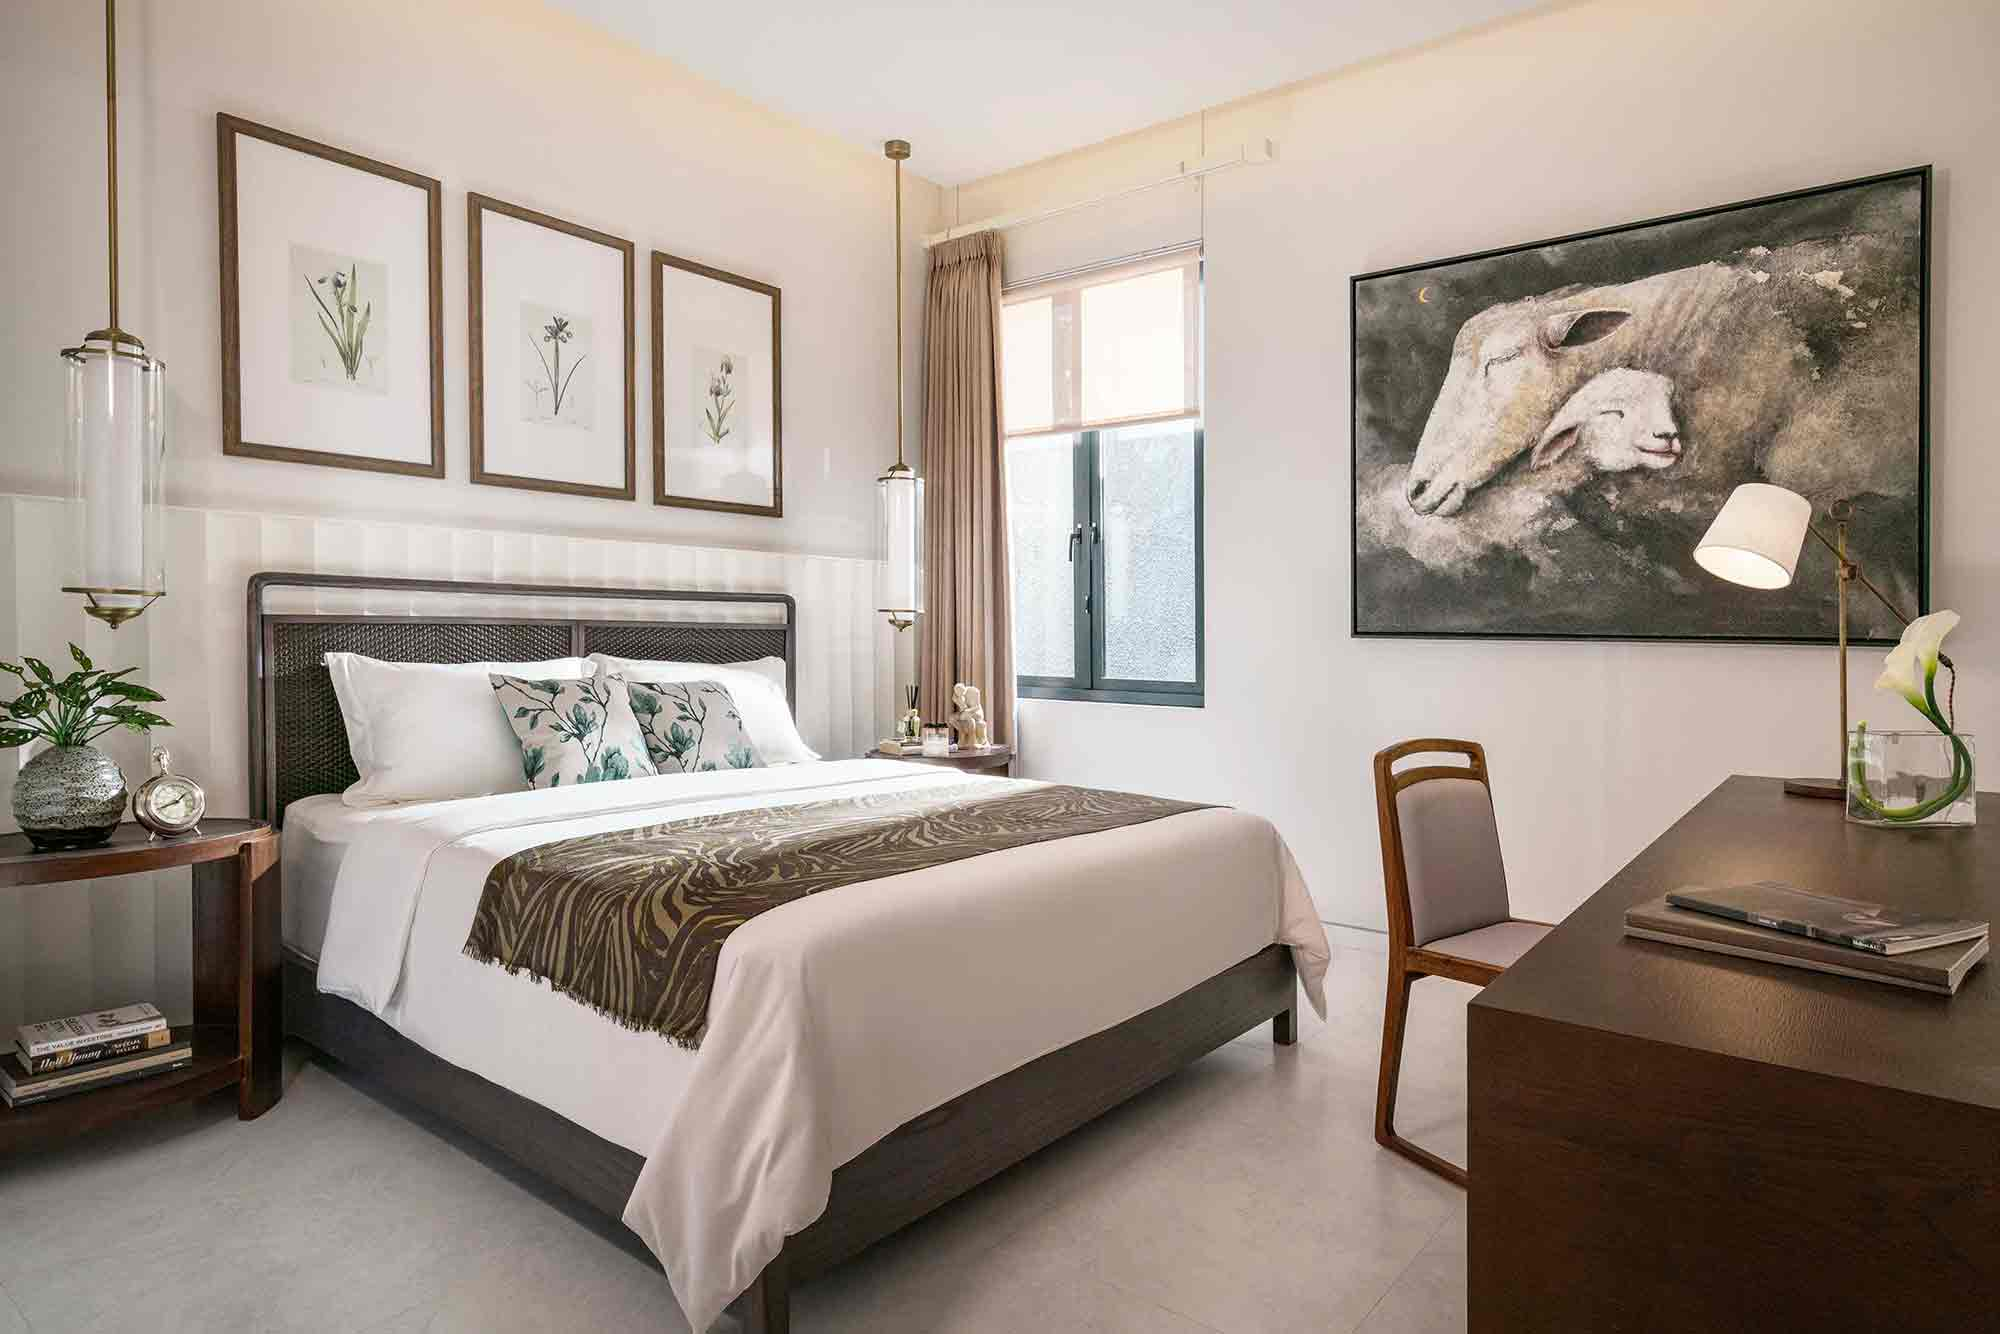 Suasana kamar tidur, karya YO Design Architect, via arsitag.com